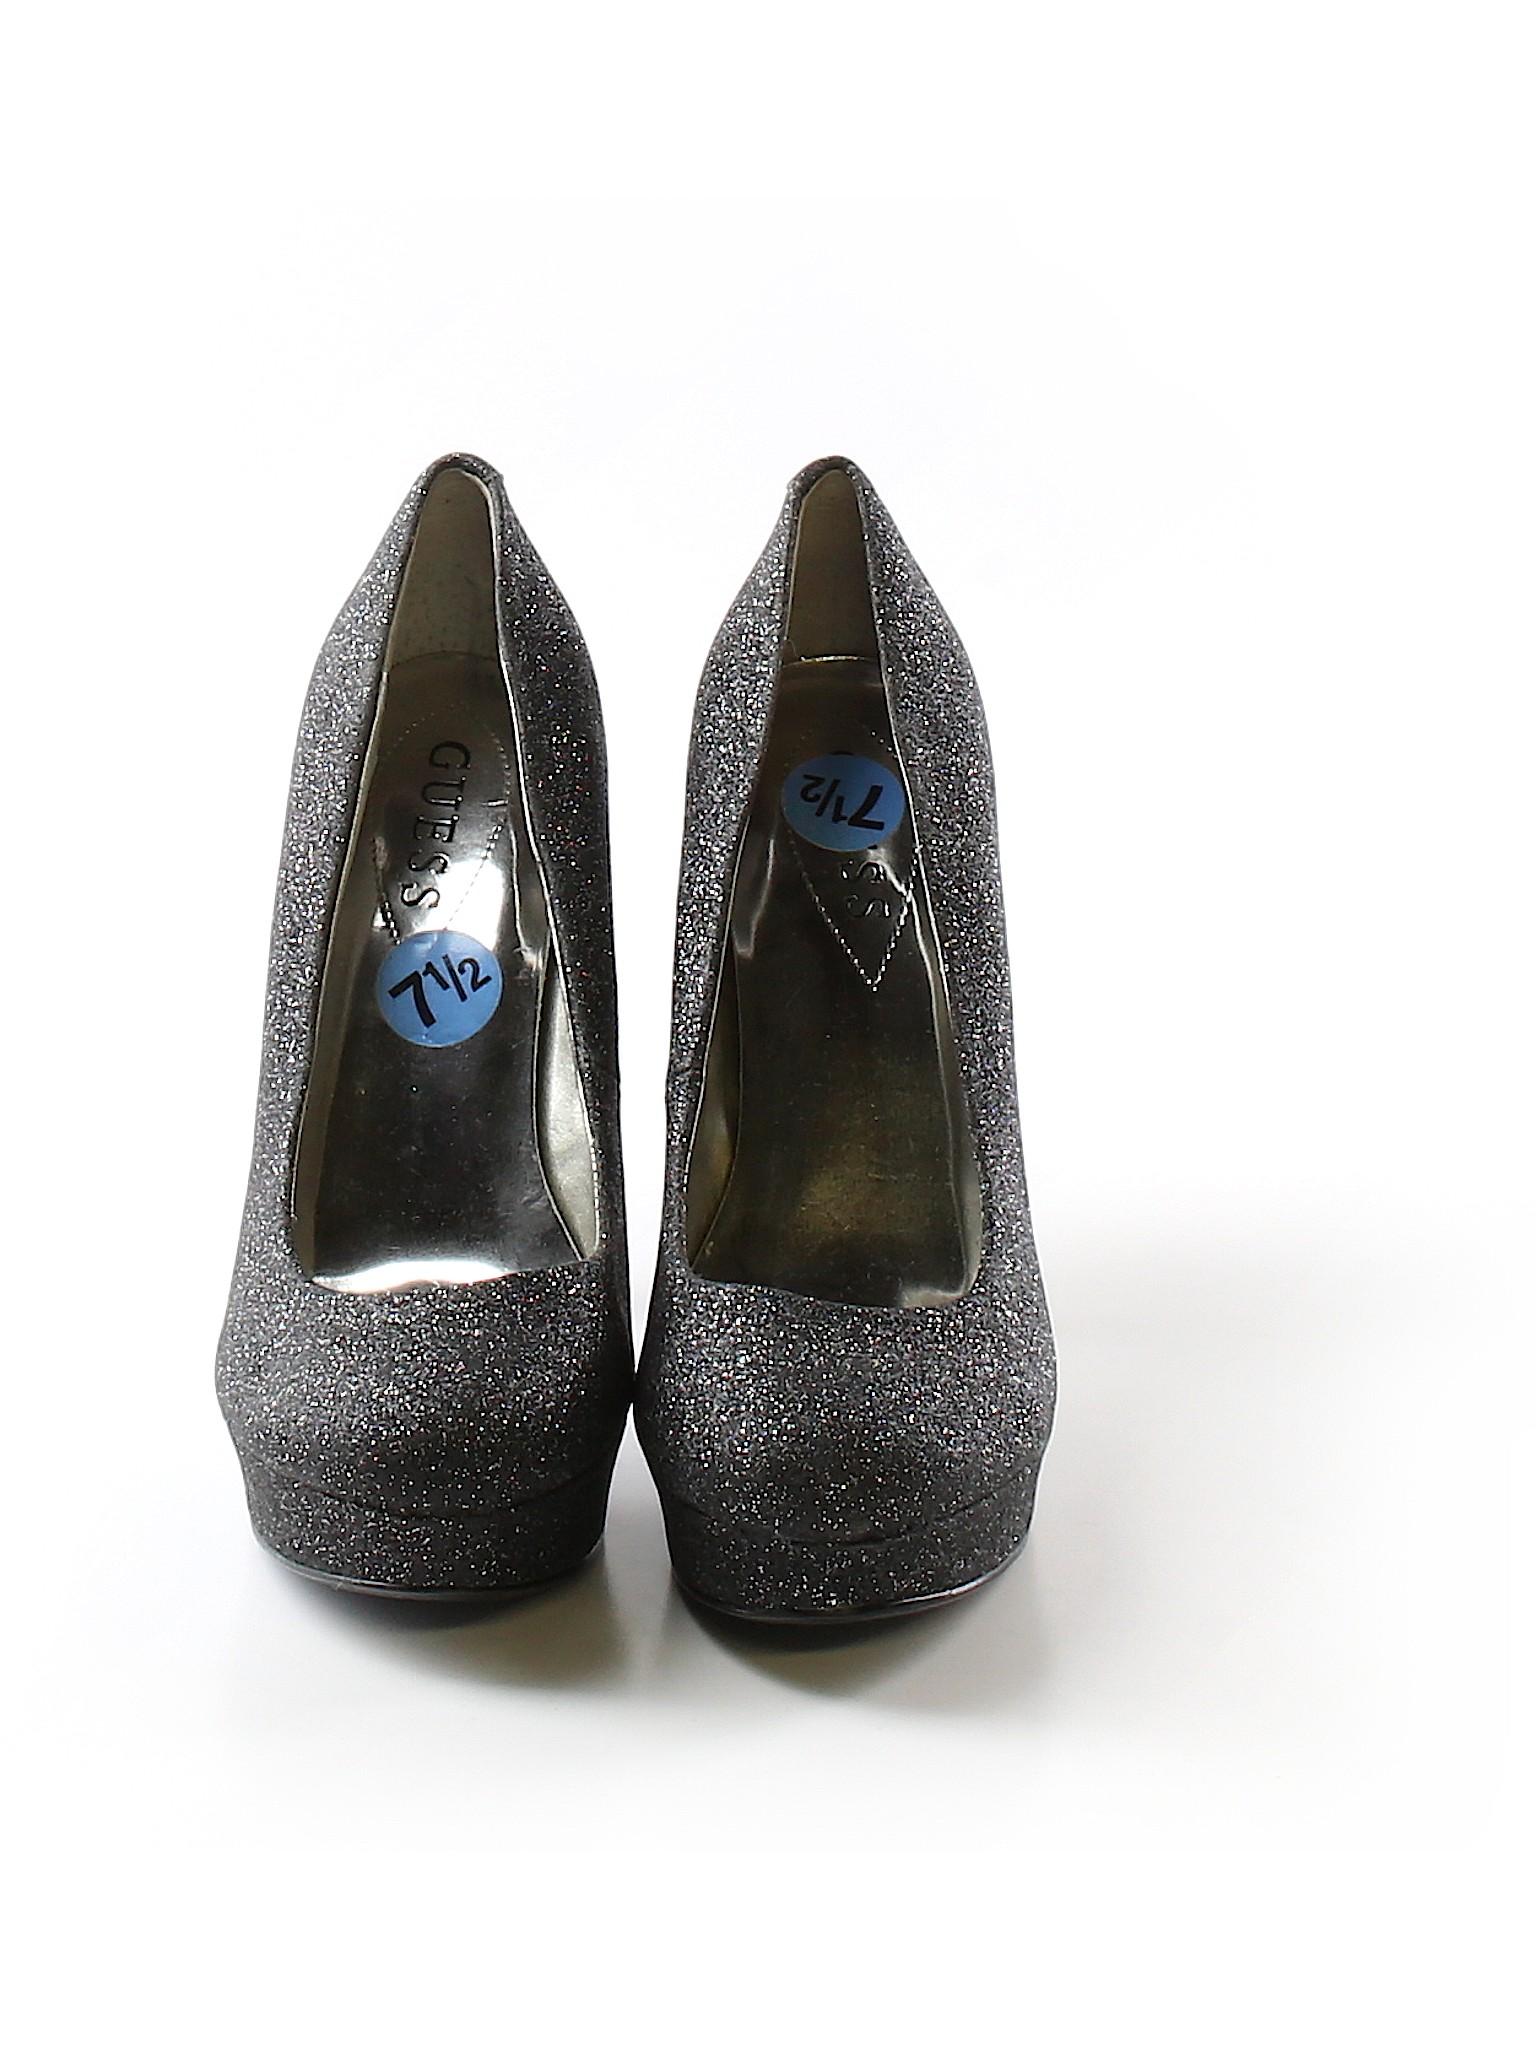 Boutique Heels promotion Guess Boutique promotion zdxZcqvwRg